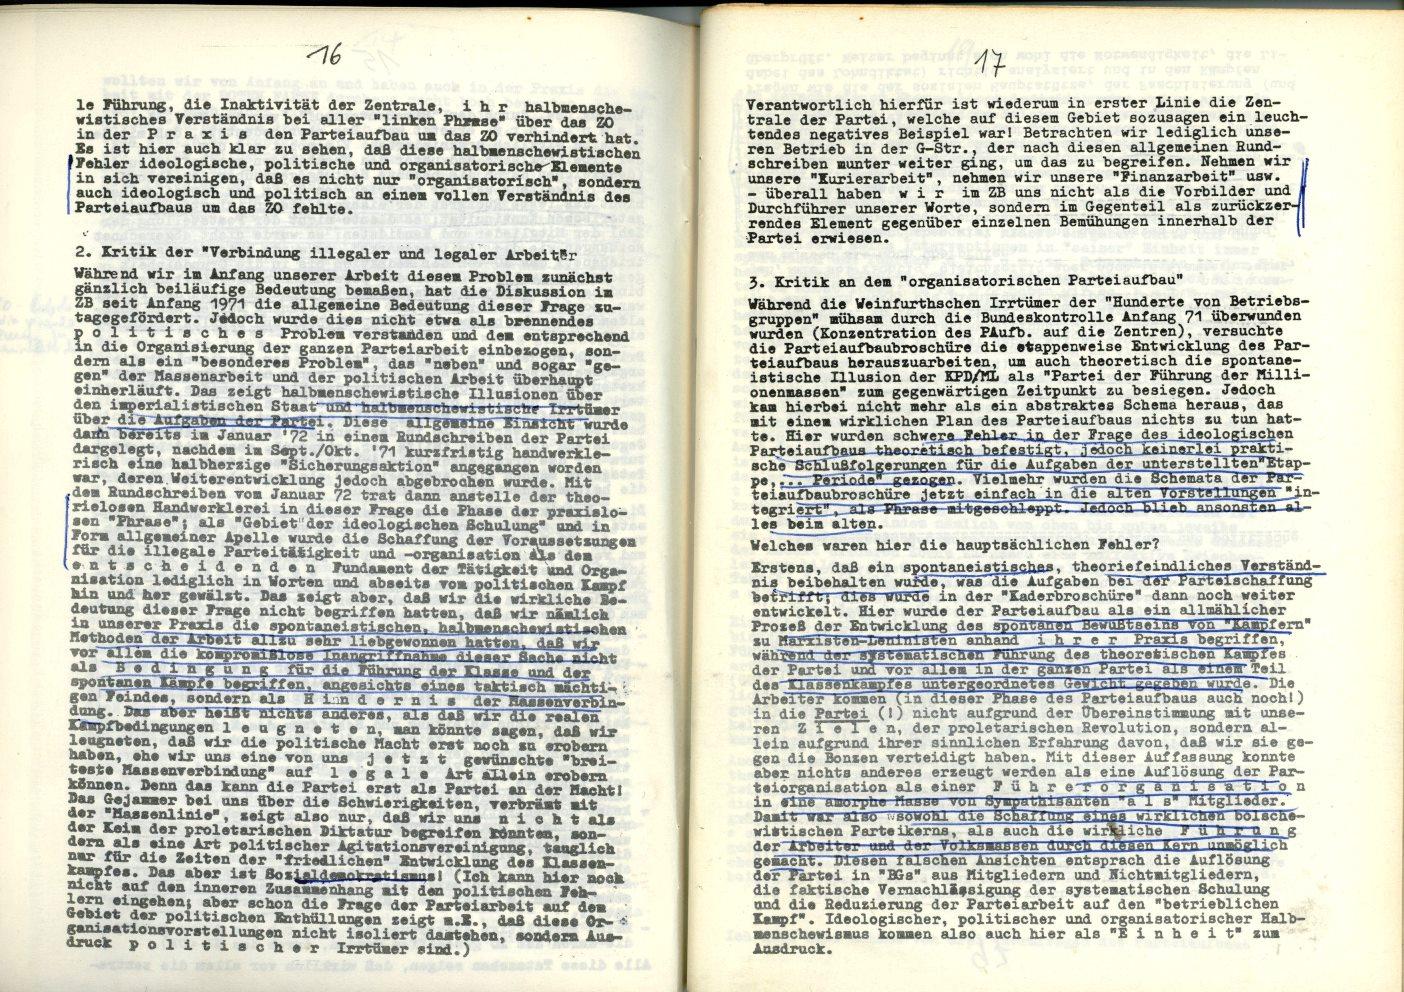 ZB_1972_Diskussionsorgan_zur_ersten_Parteikonferenz_10